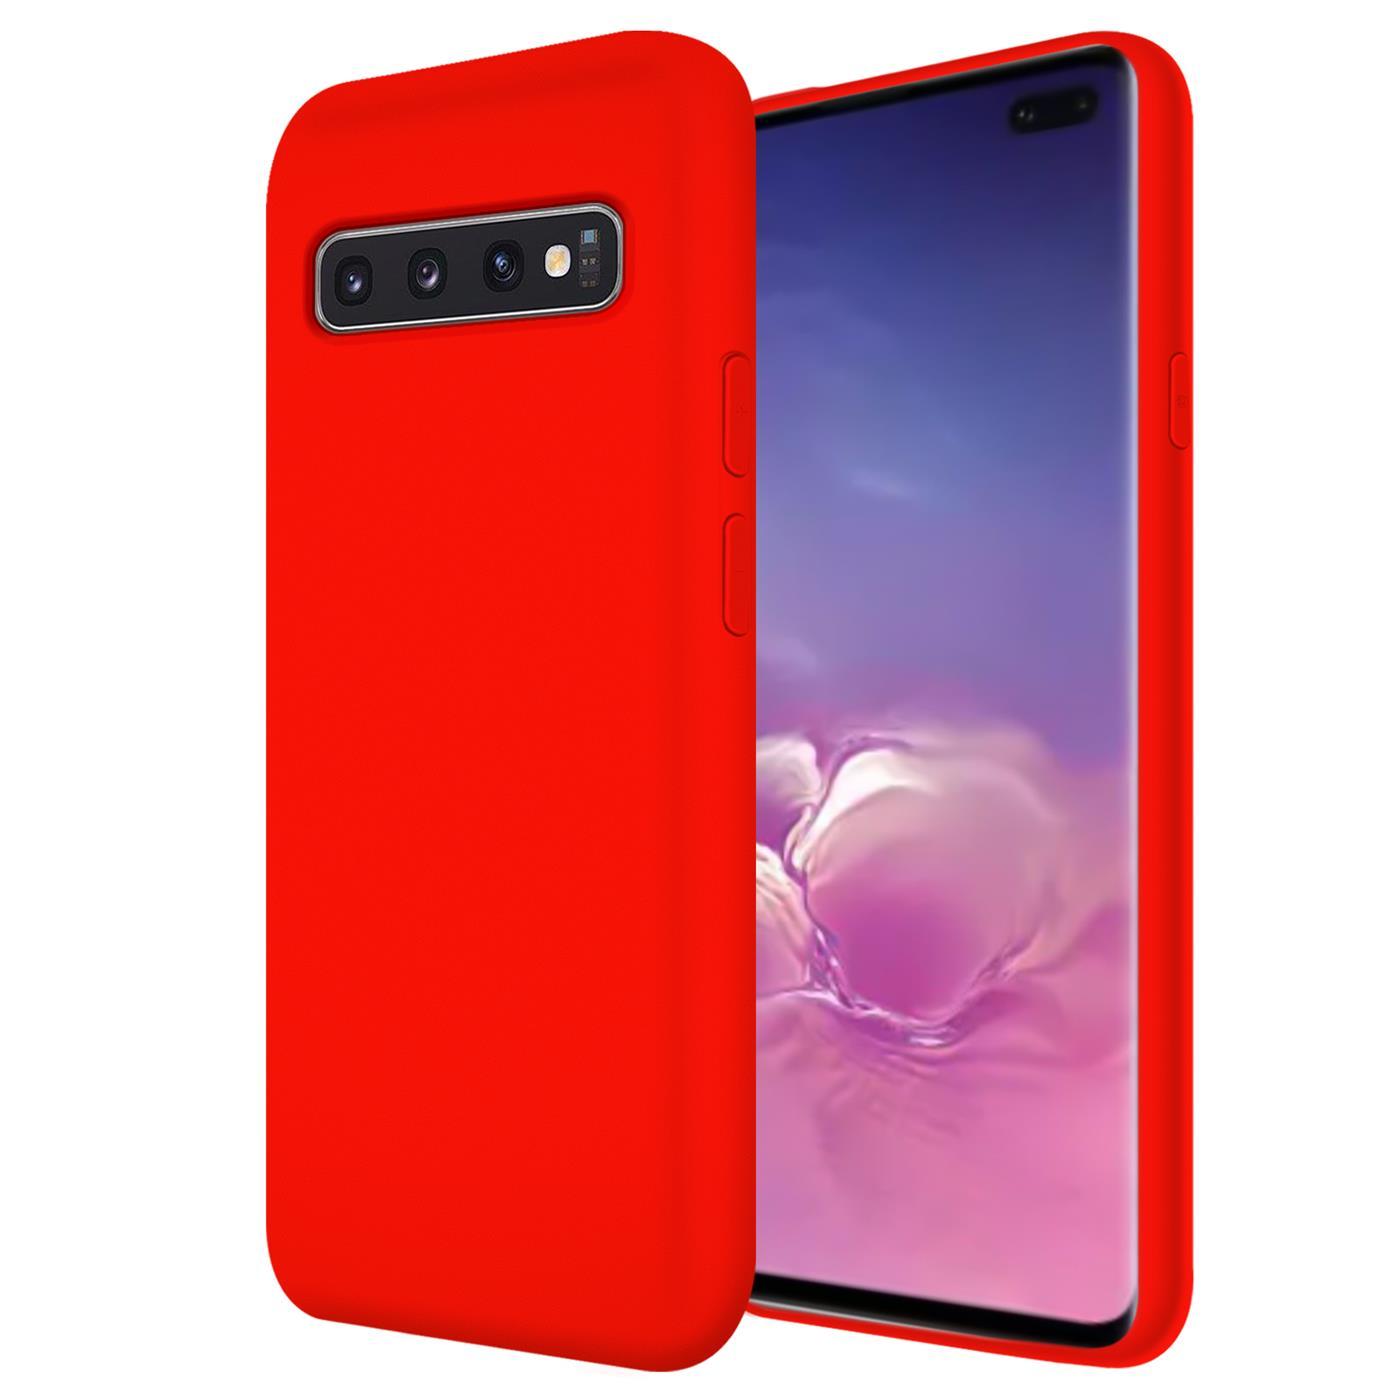 Huelle-Samsung-Galaxy-S10-Handy-Schutz-Cover-Silikon-Gel-Case-Handyhuelle-Tasche Indexbild 18